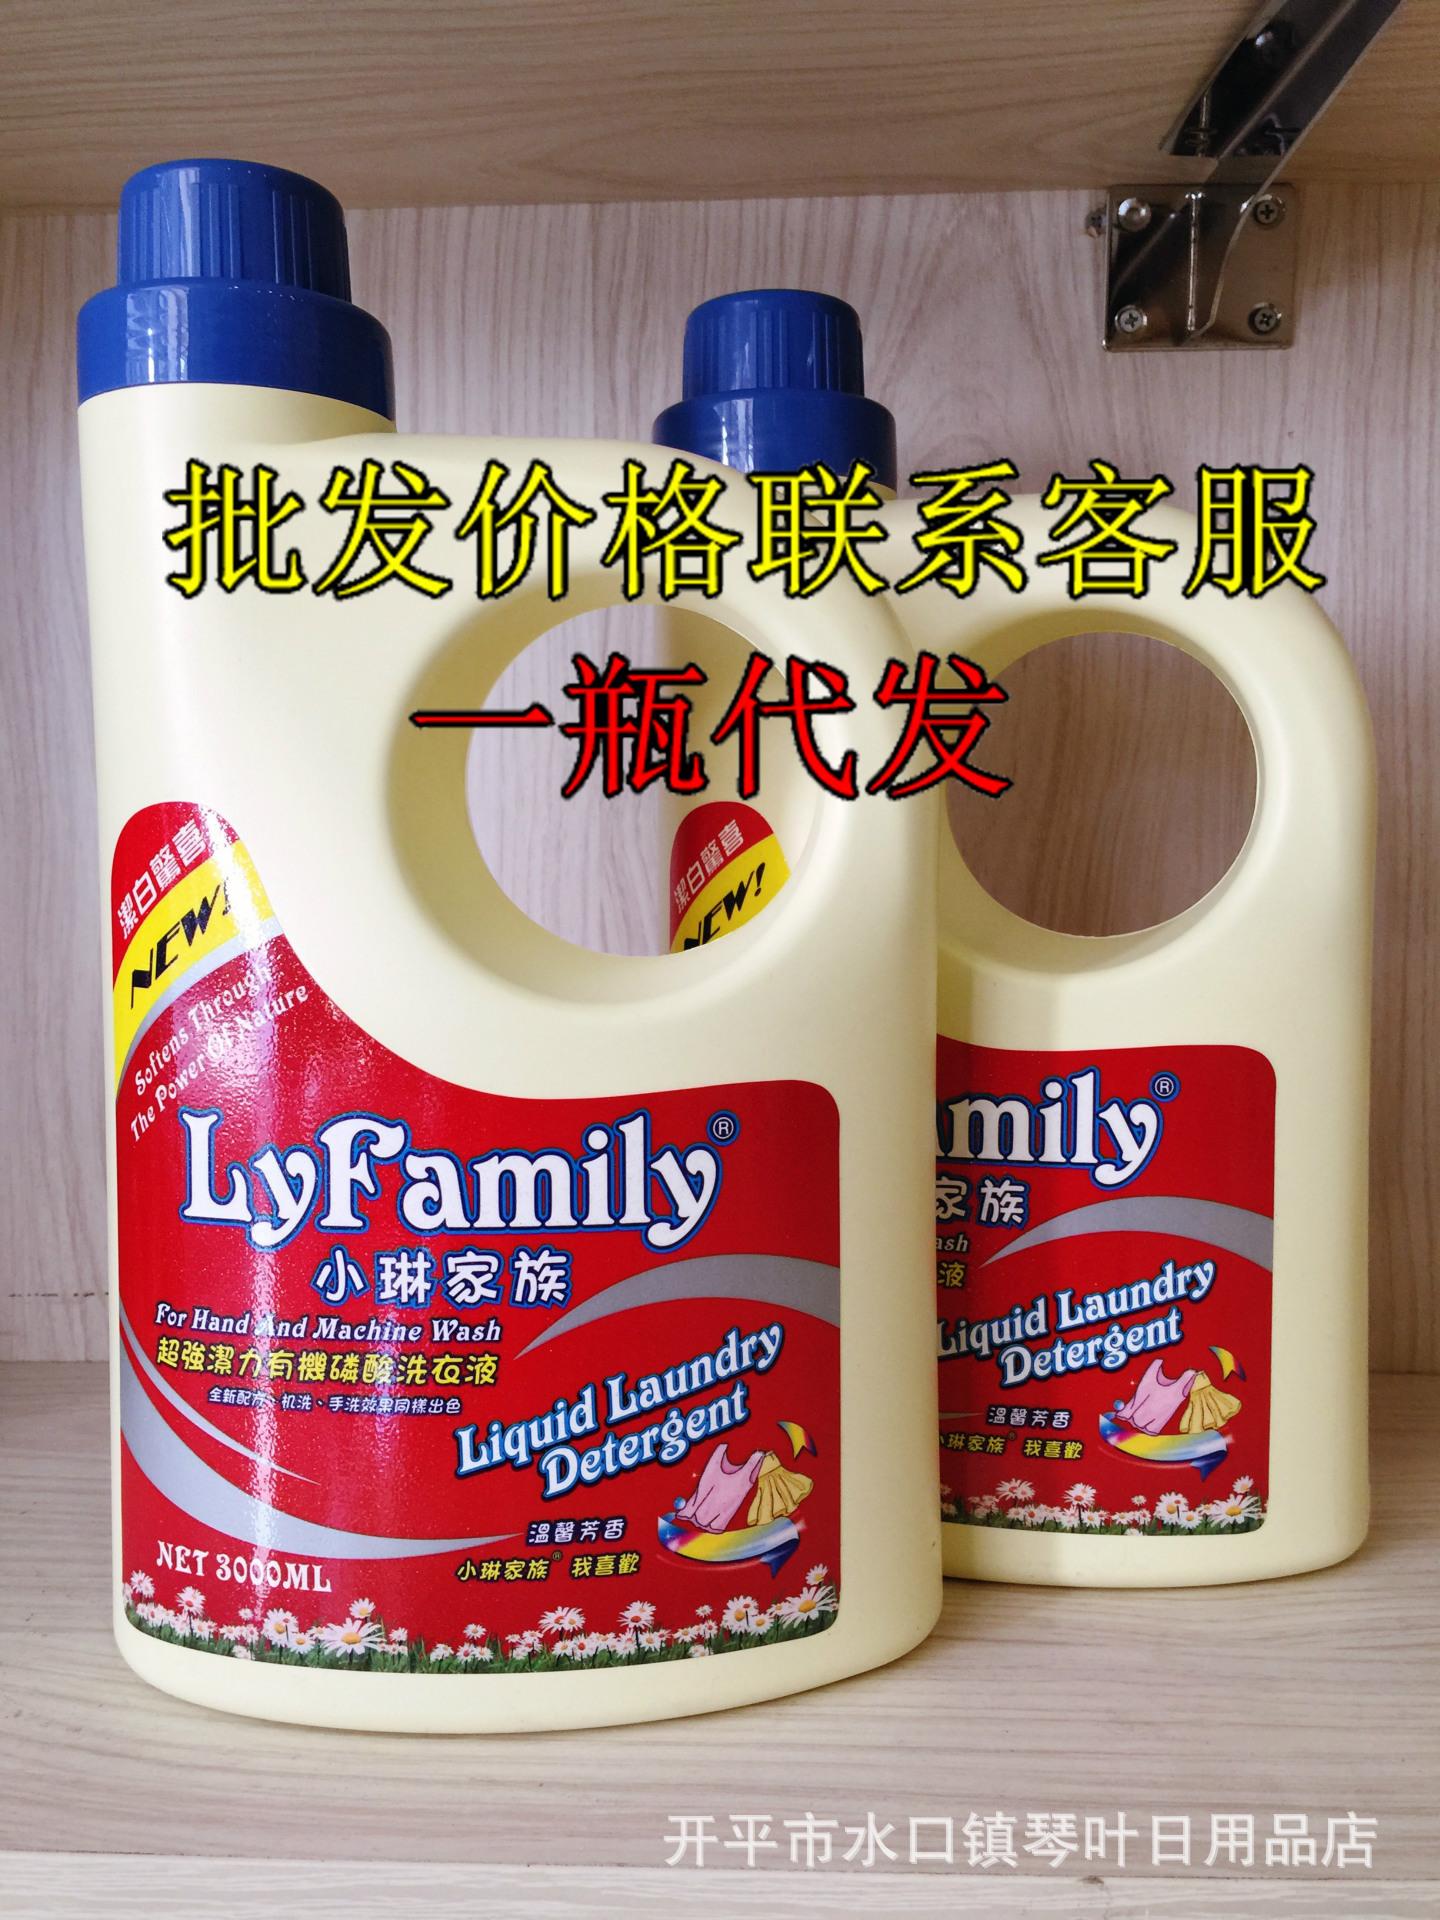 琴叶小琳家族洗衣液 超强洁力有机磷酸洗衣液3L 无刺激不含荧光剂